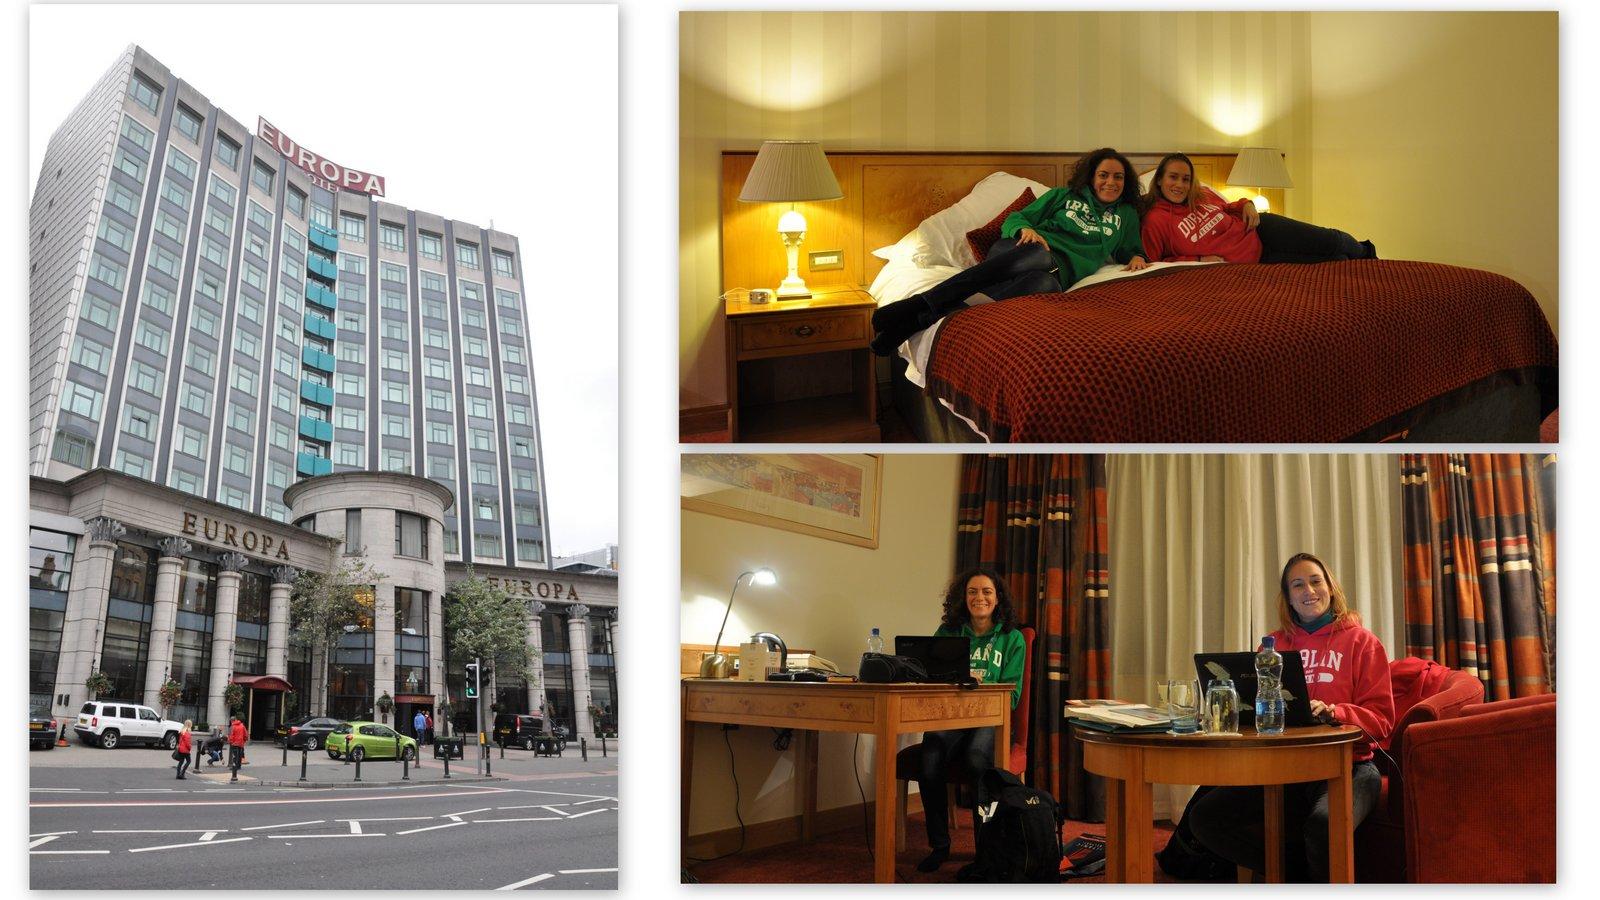 hotel europa à belfast